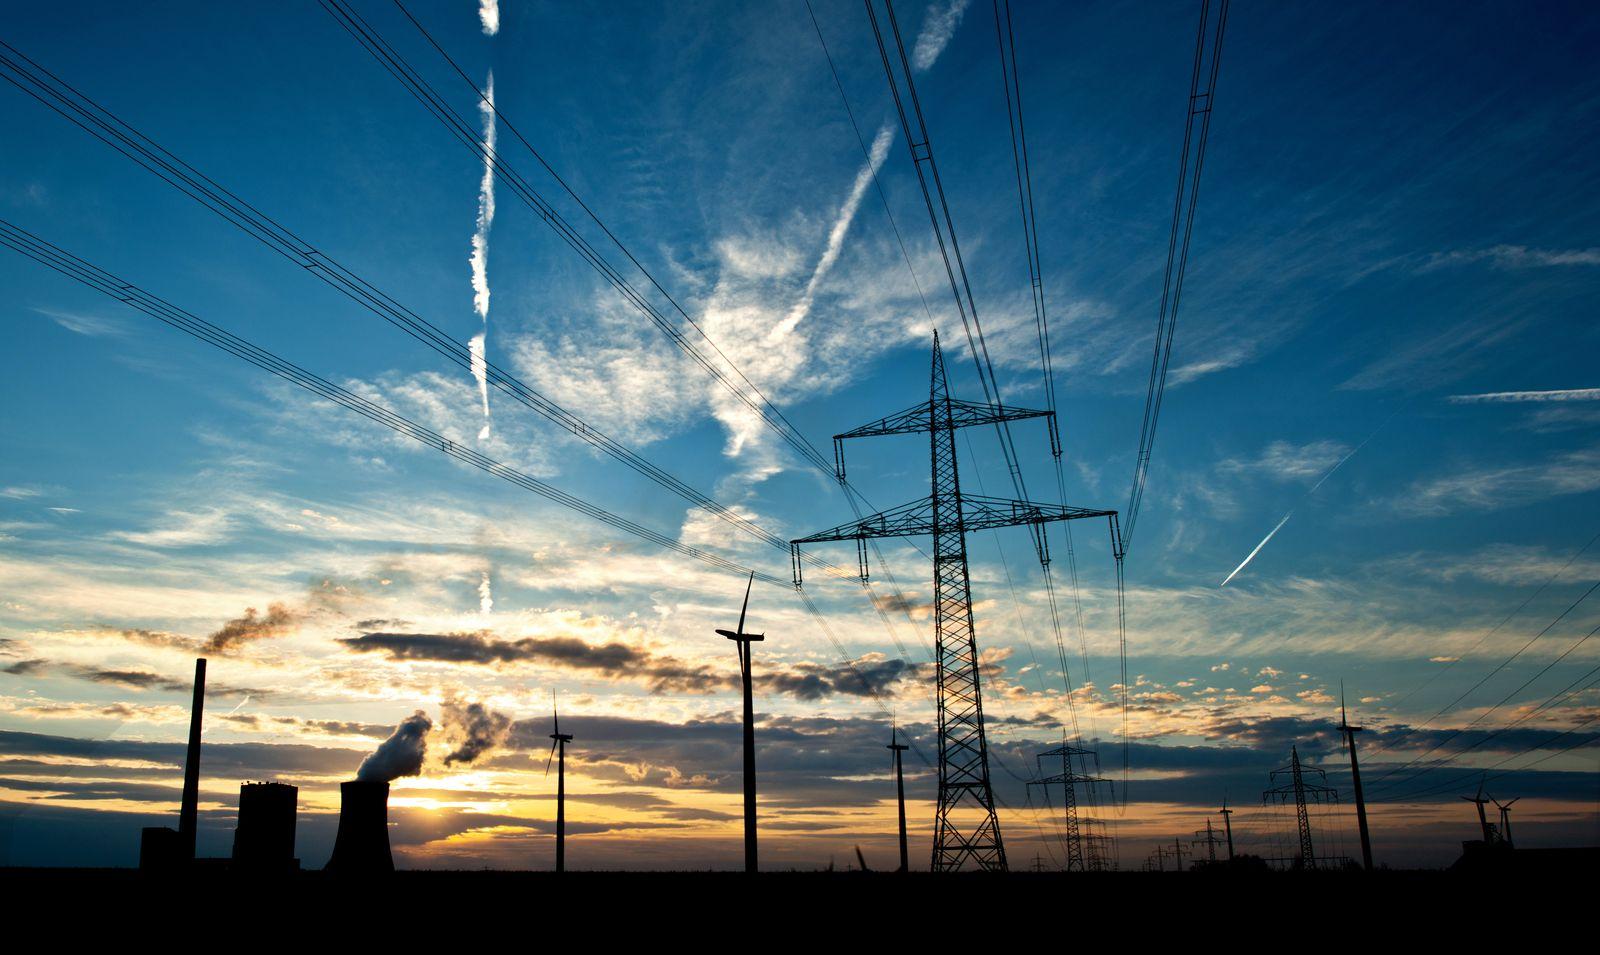 Energieversorgung in Deutschland / Steinkohle / Strom / Konjunktur